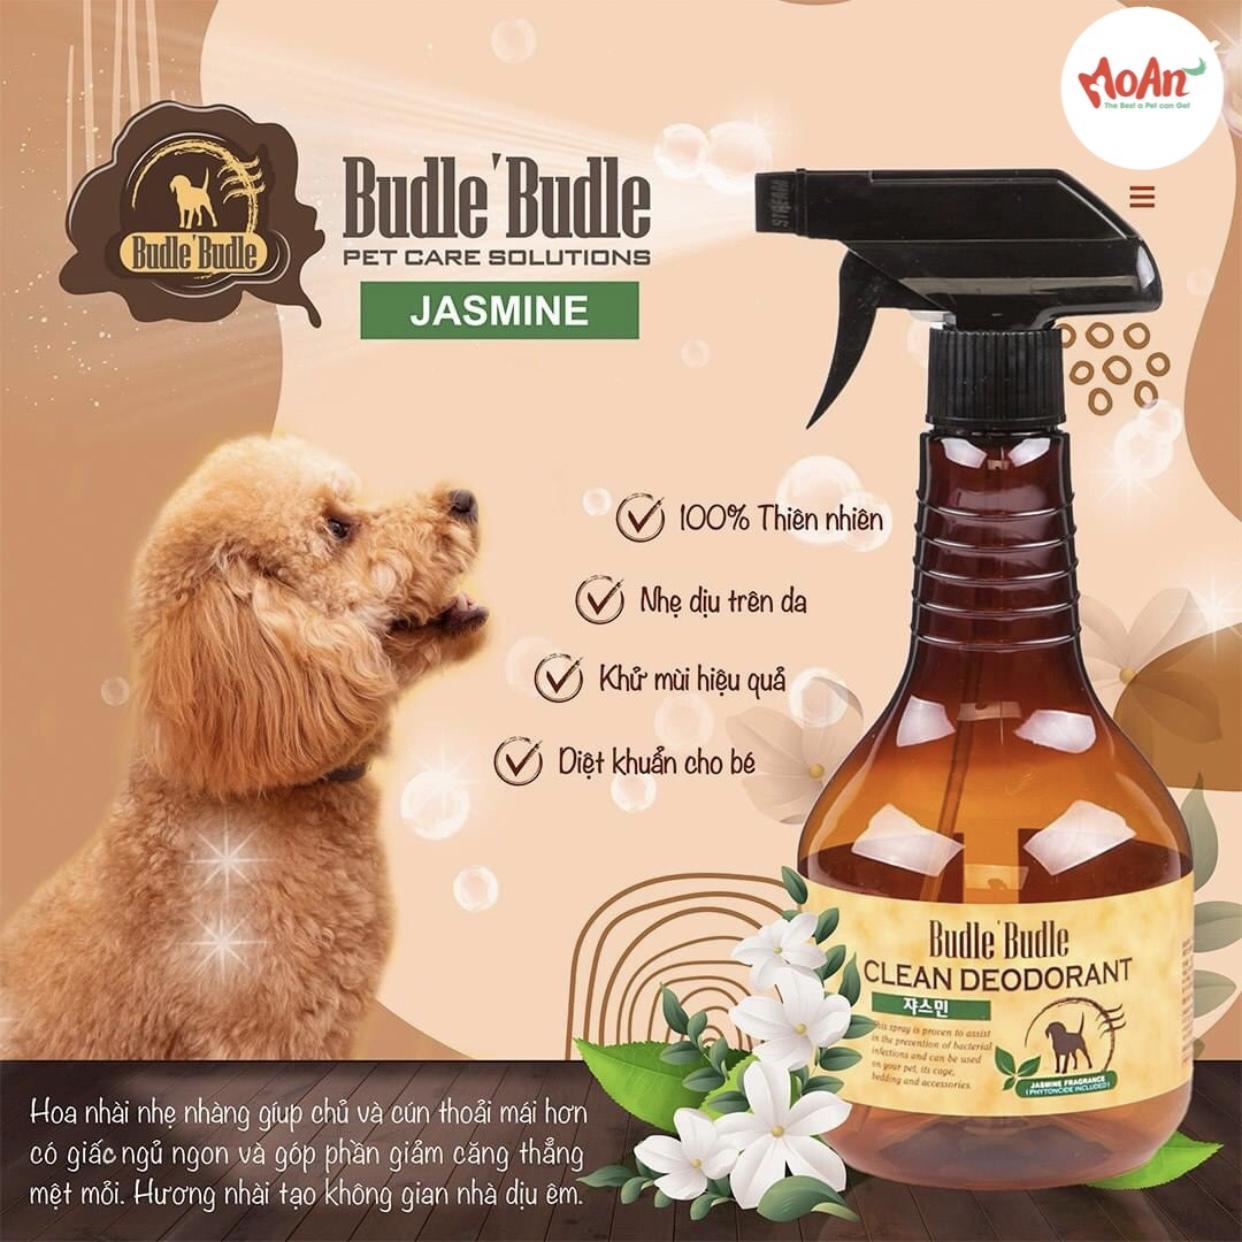 Xịt Budle'Budle Dưỡng lông [Mùi Hoa Nhài Jasmine] 530ml